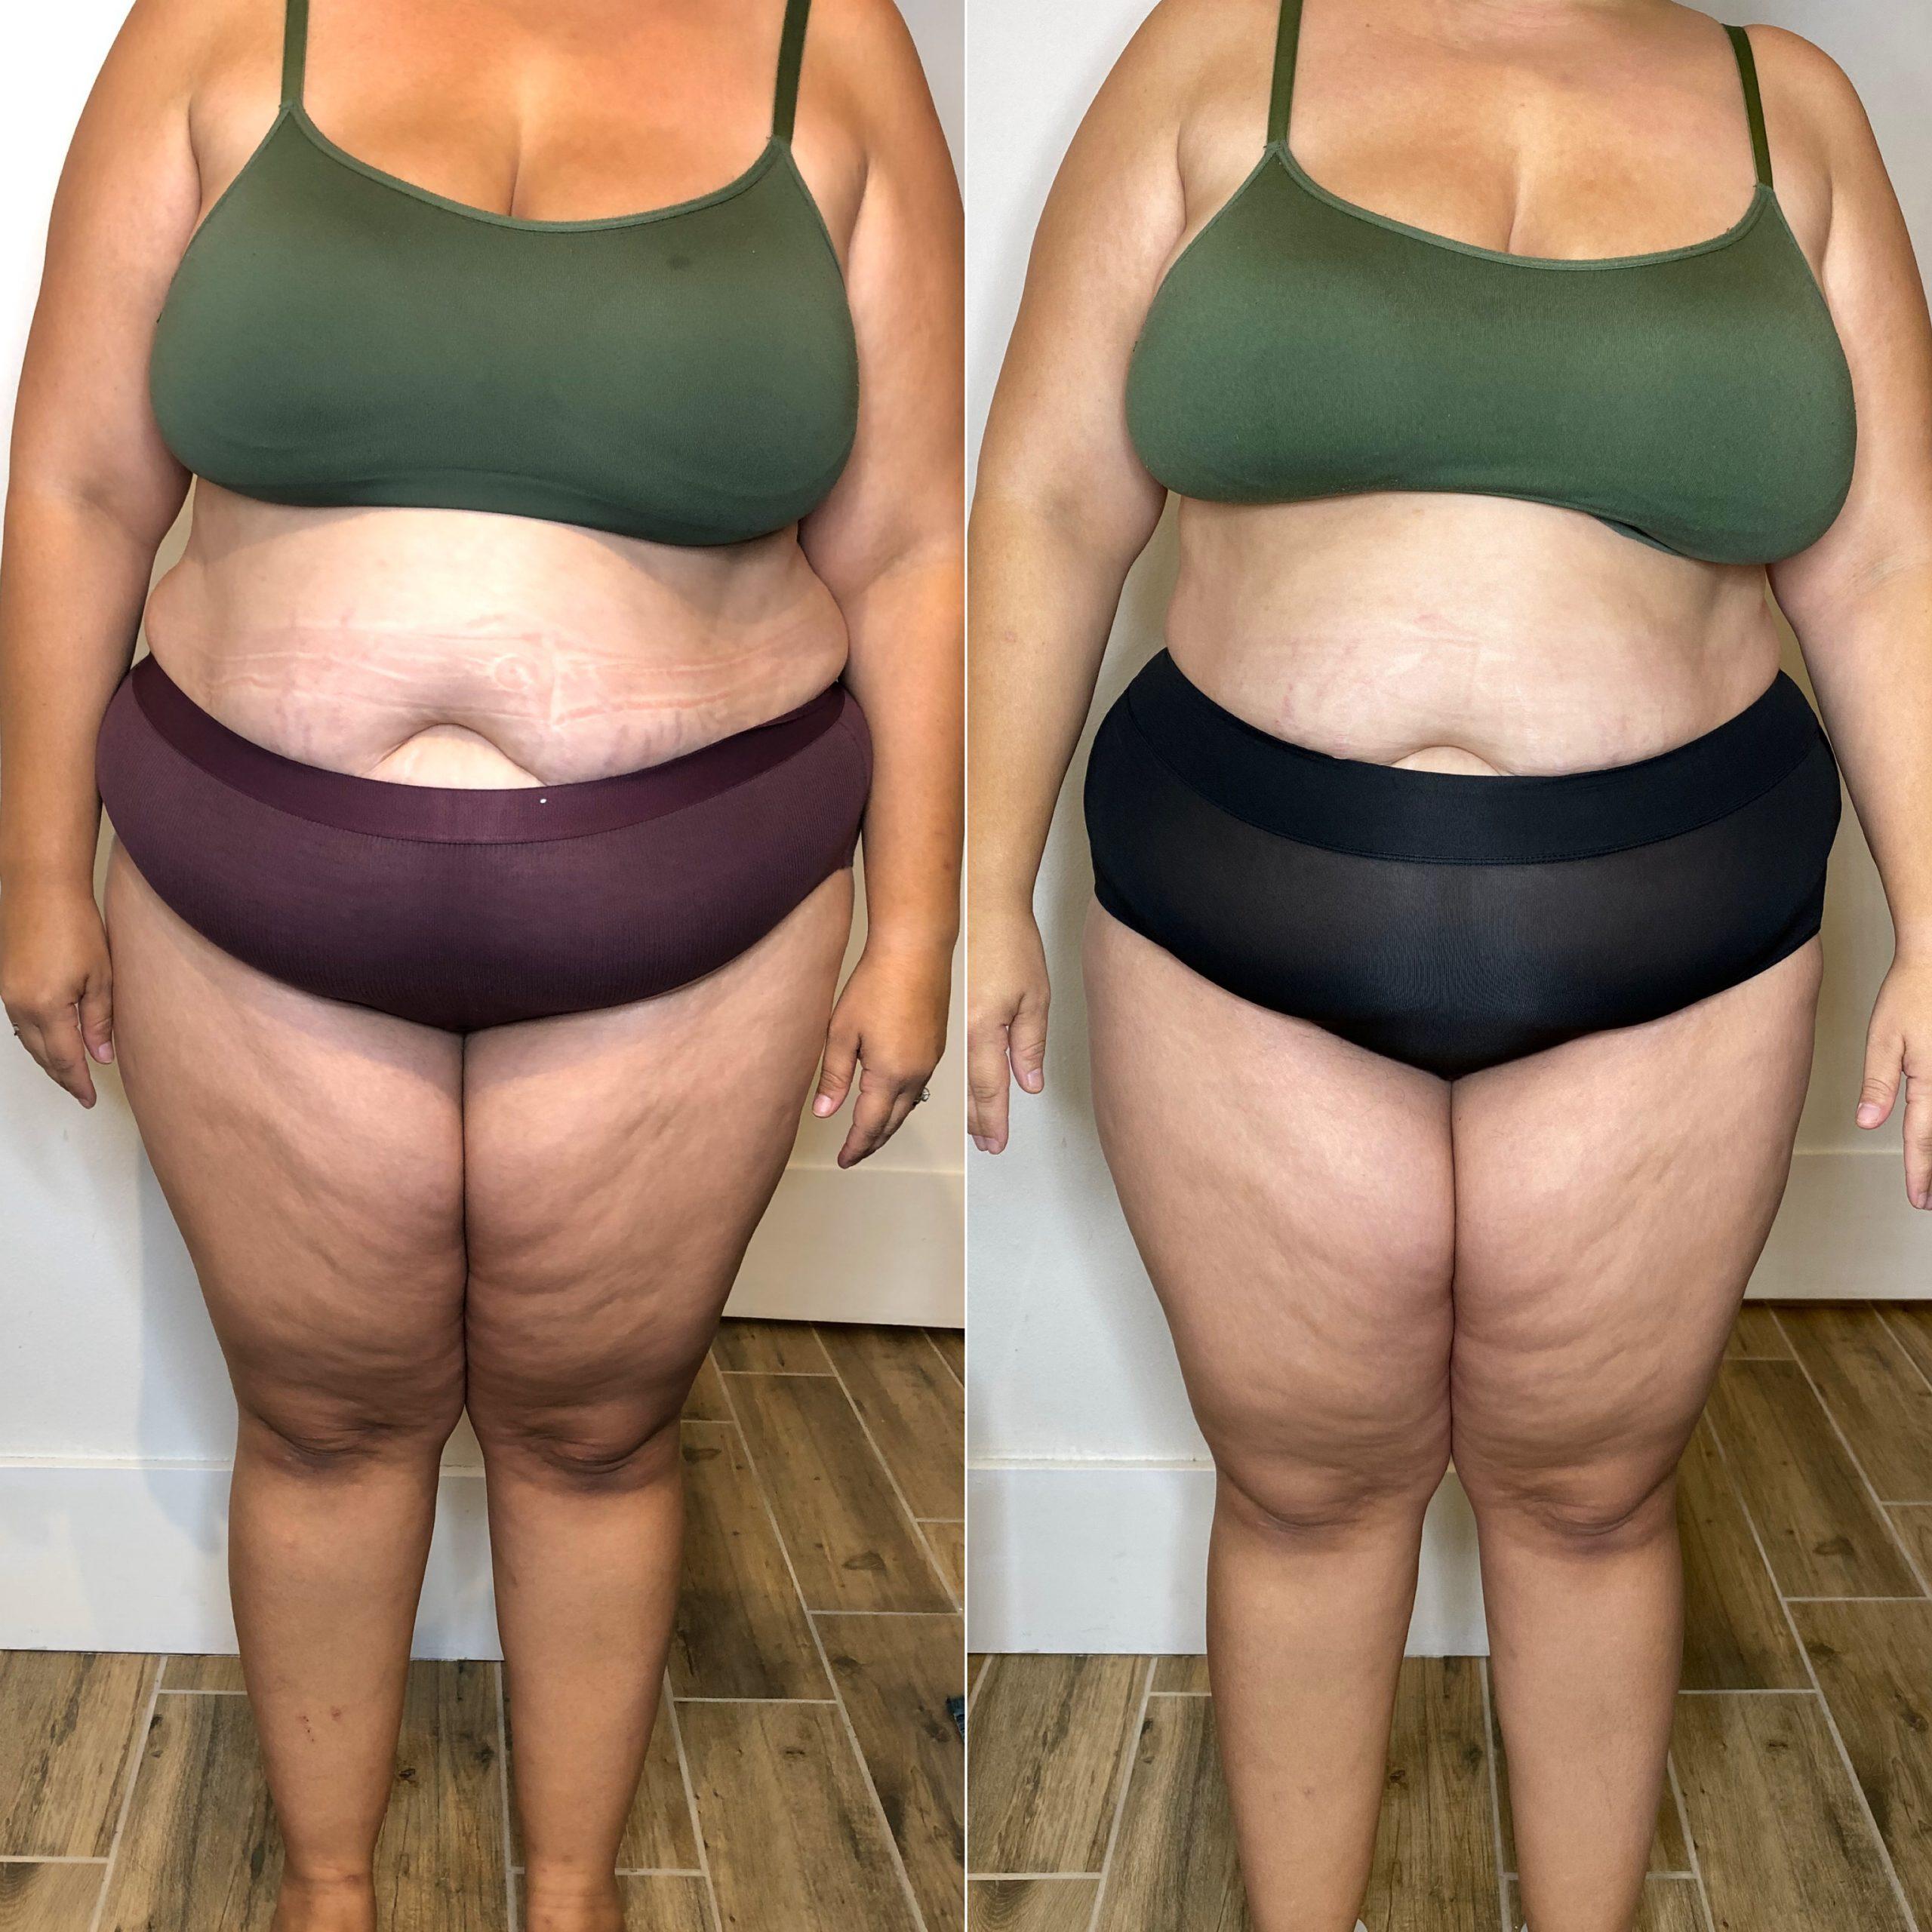 Lose Belly Fat - Verju Laser Fat Reduction - Trim Studio Has Verju in Clearwater